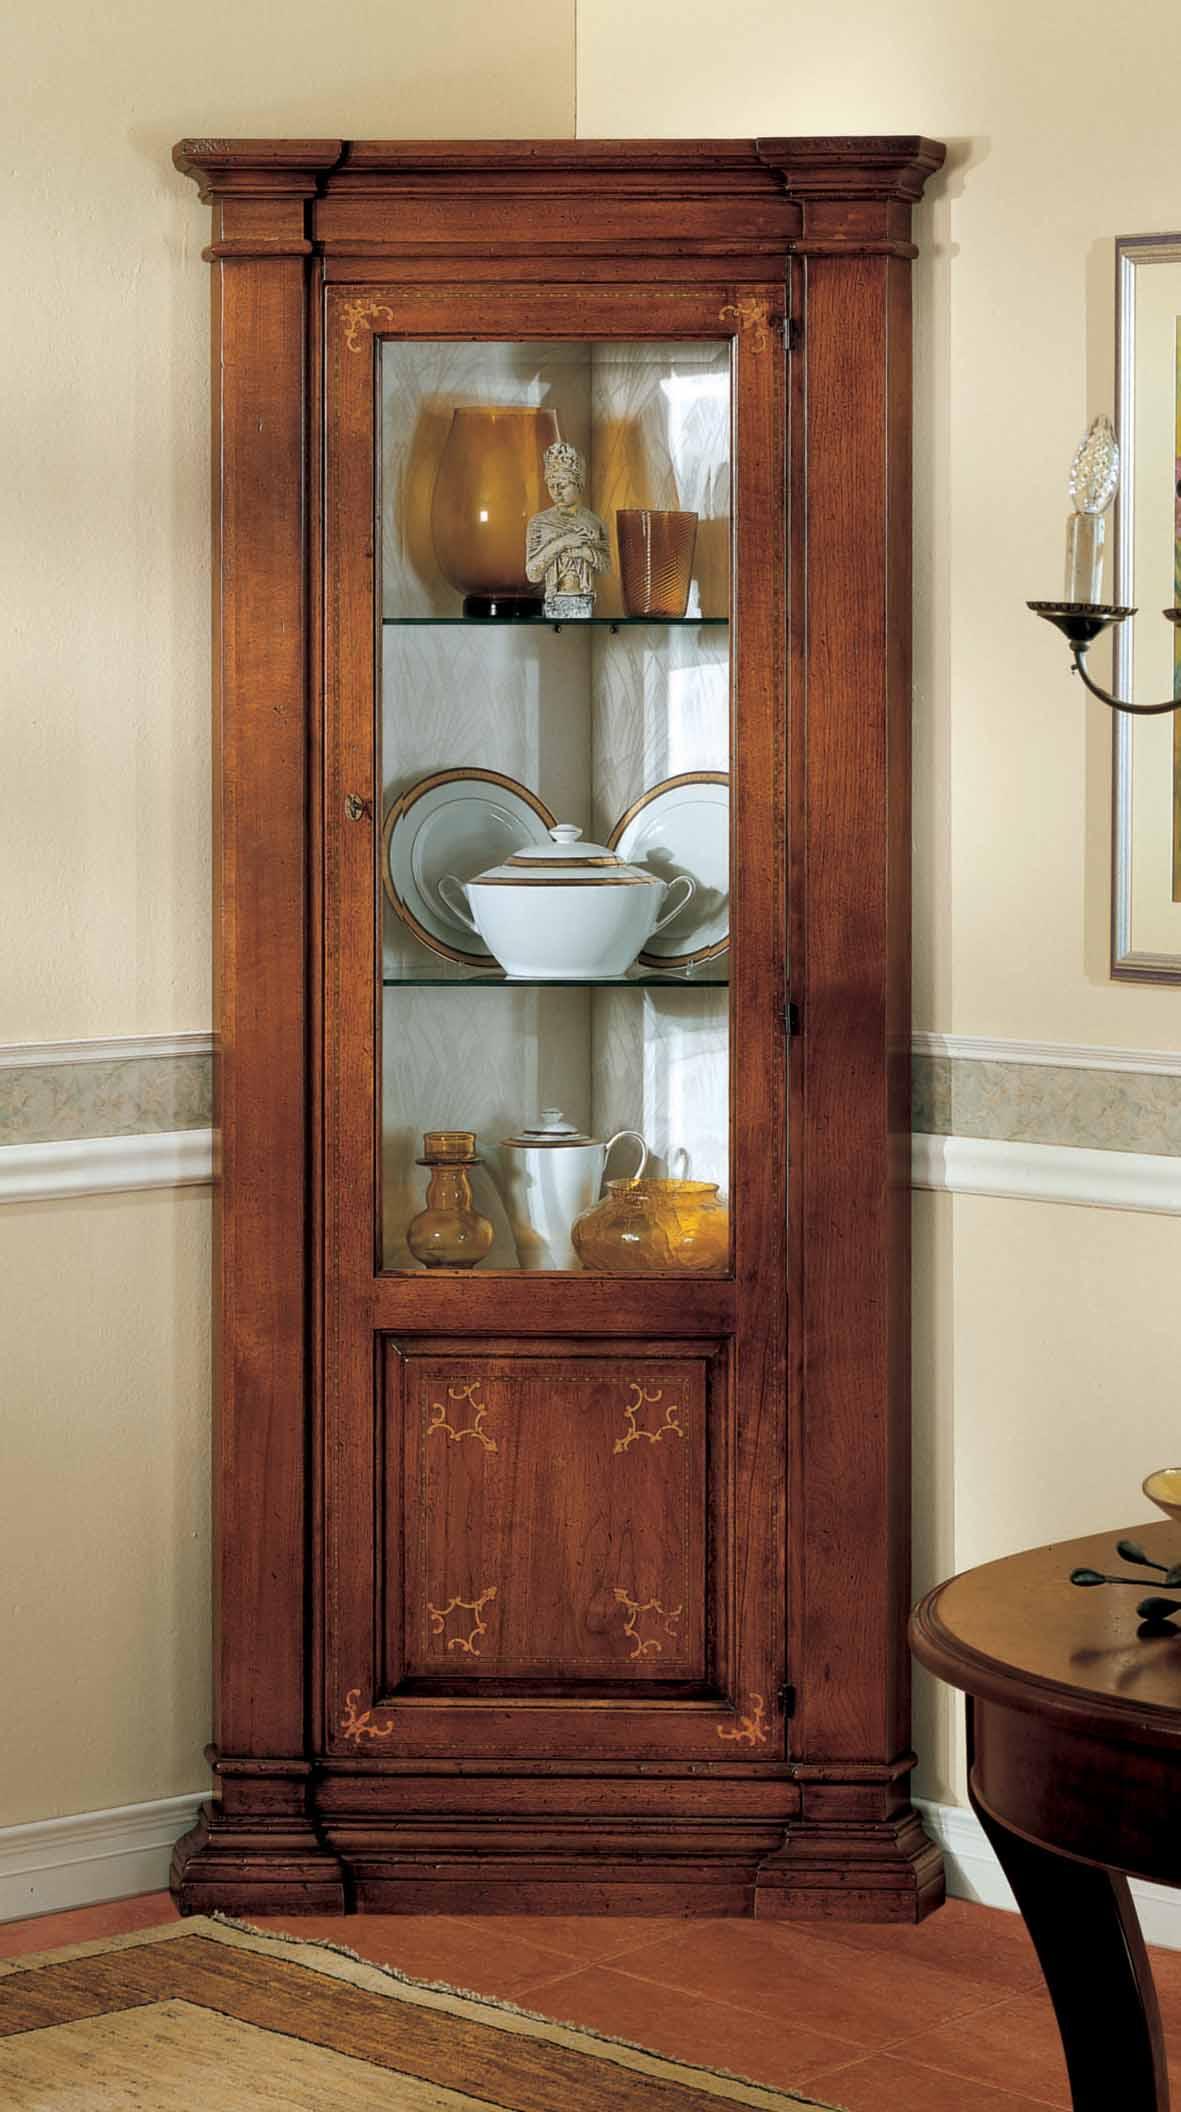 vetrina ad angolo con pannello intarsiato - La Commode di Davide Corno